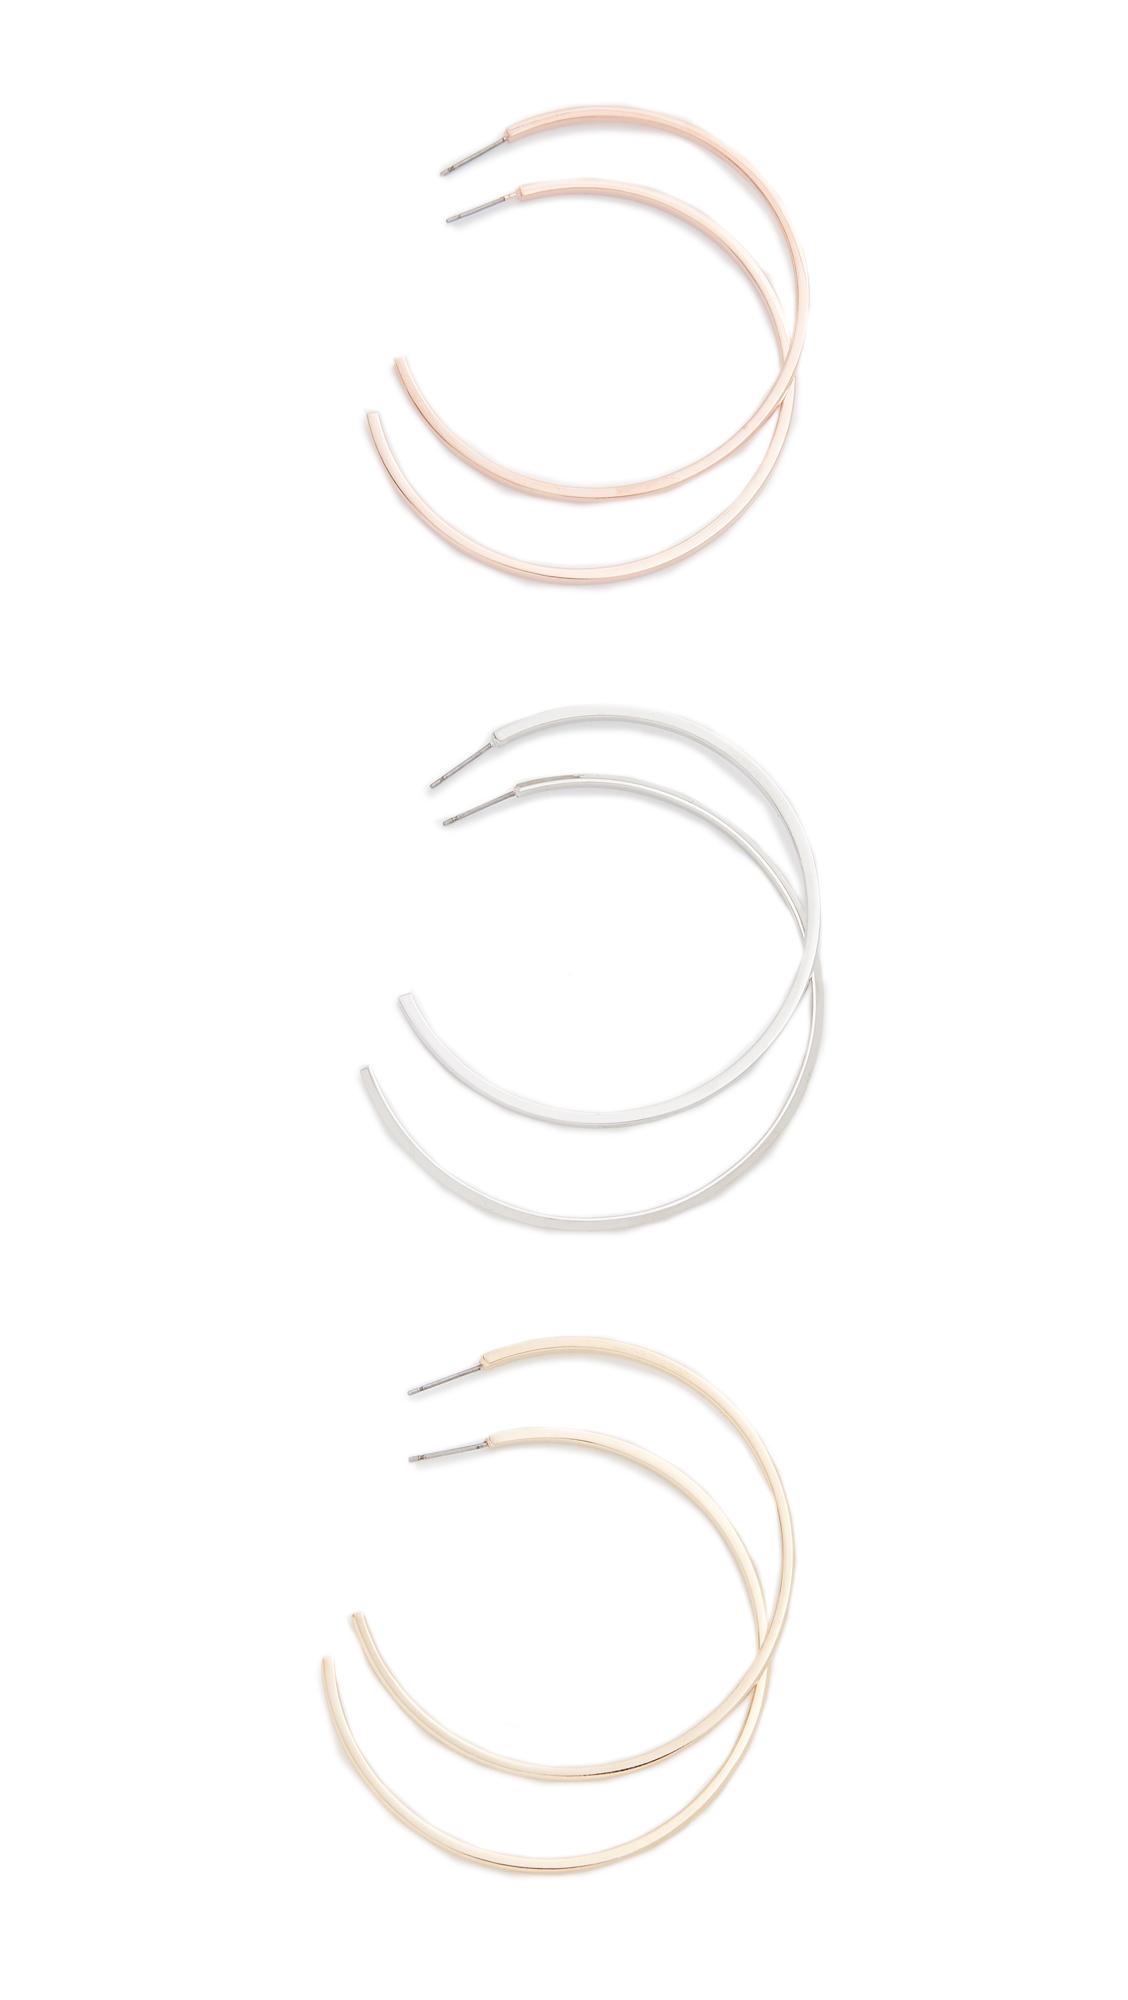 Adia Kibur Large Round Hoop Earring Set - Multi